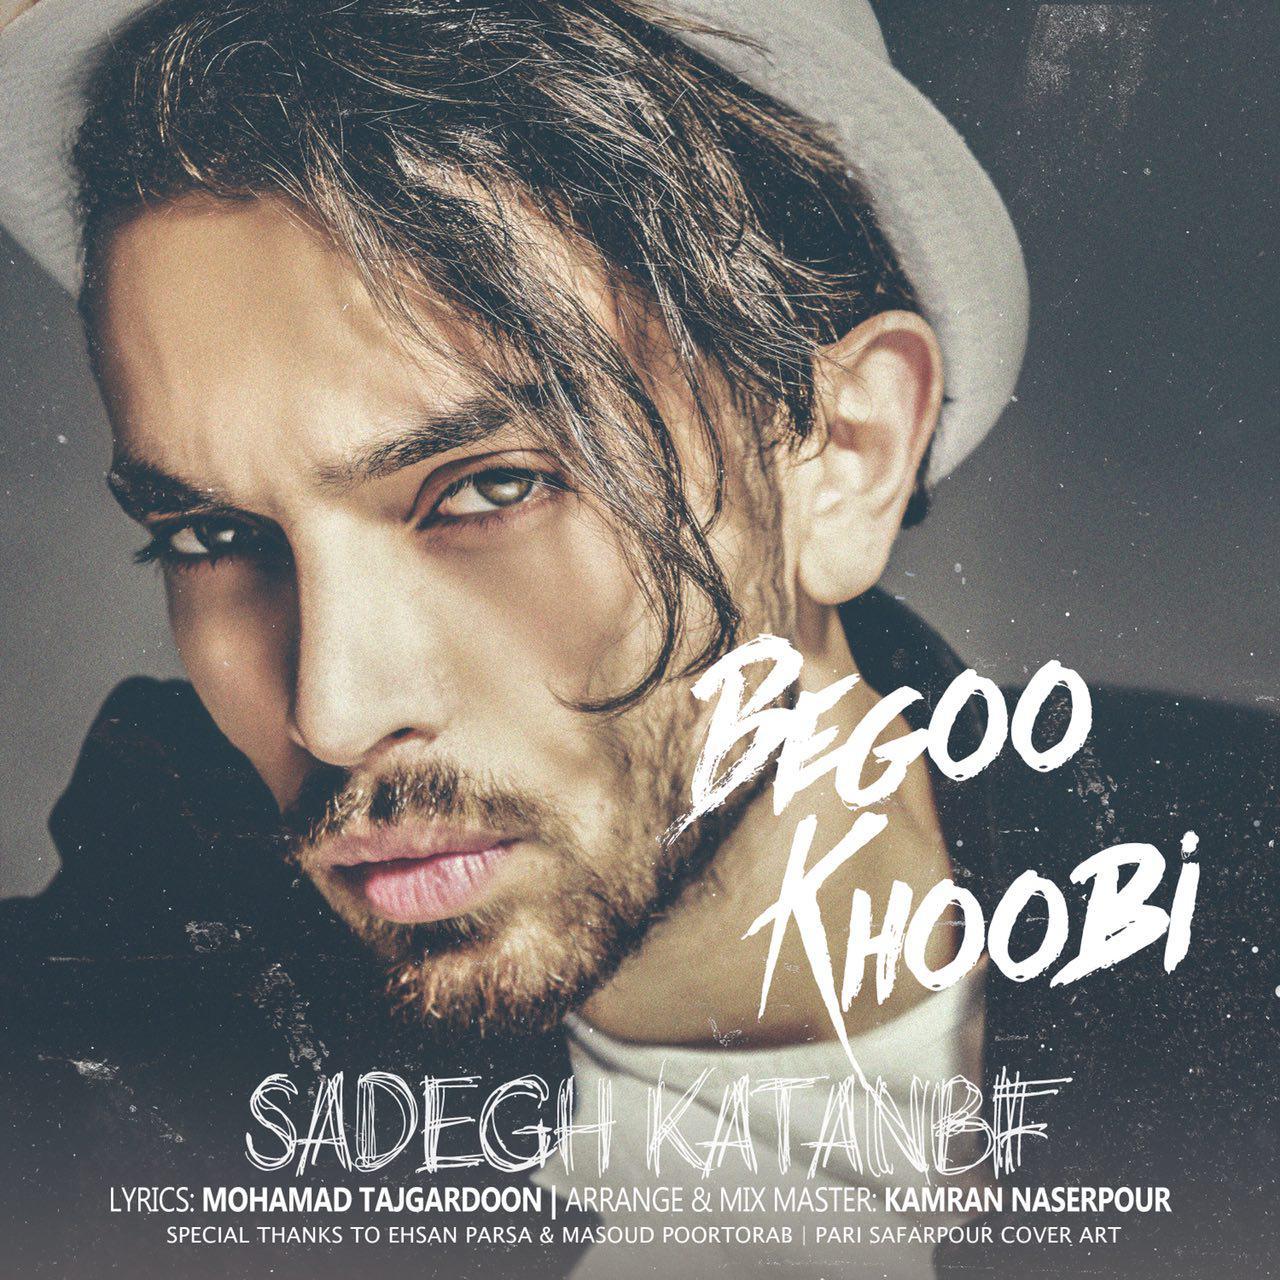 Sadegh Katanbaf – Begoo Khoobi